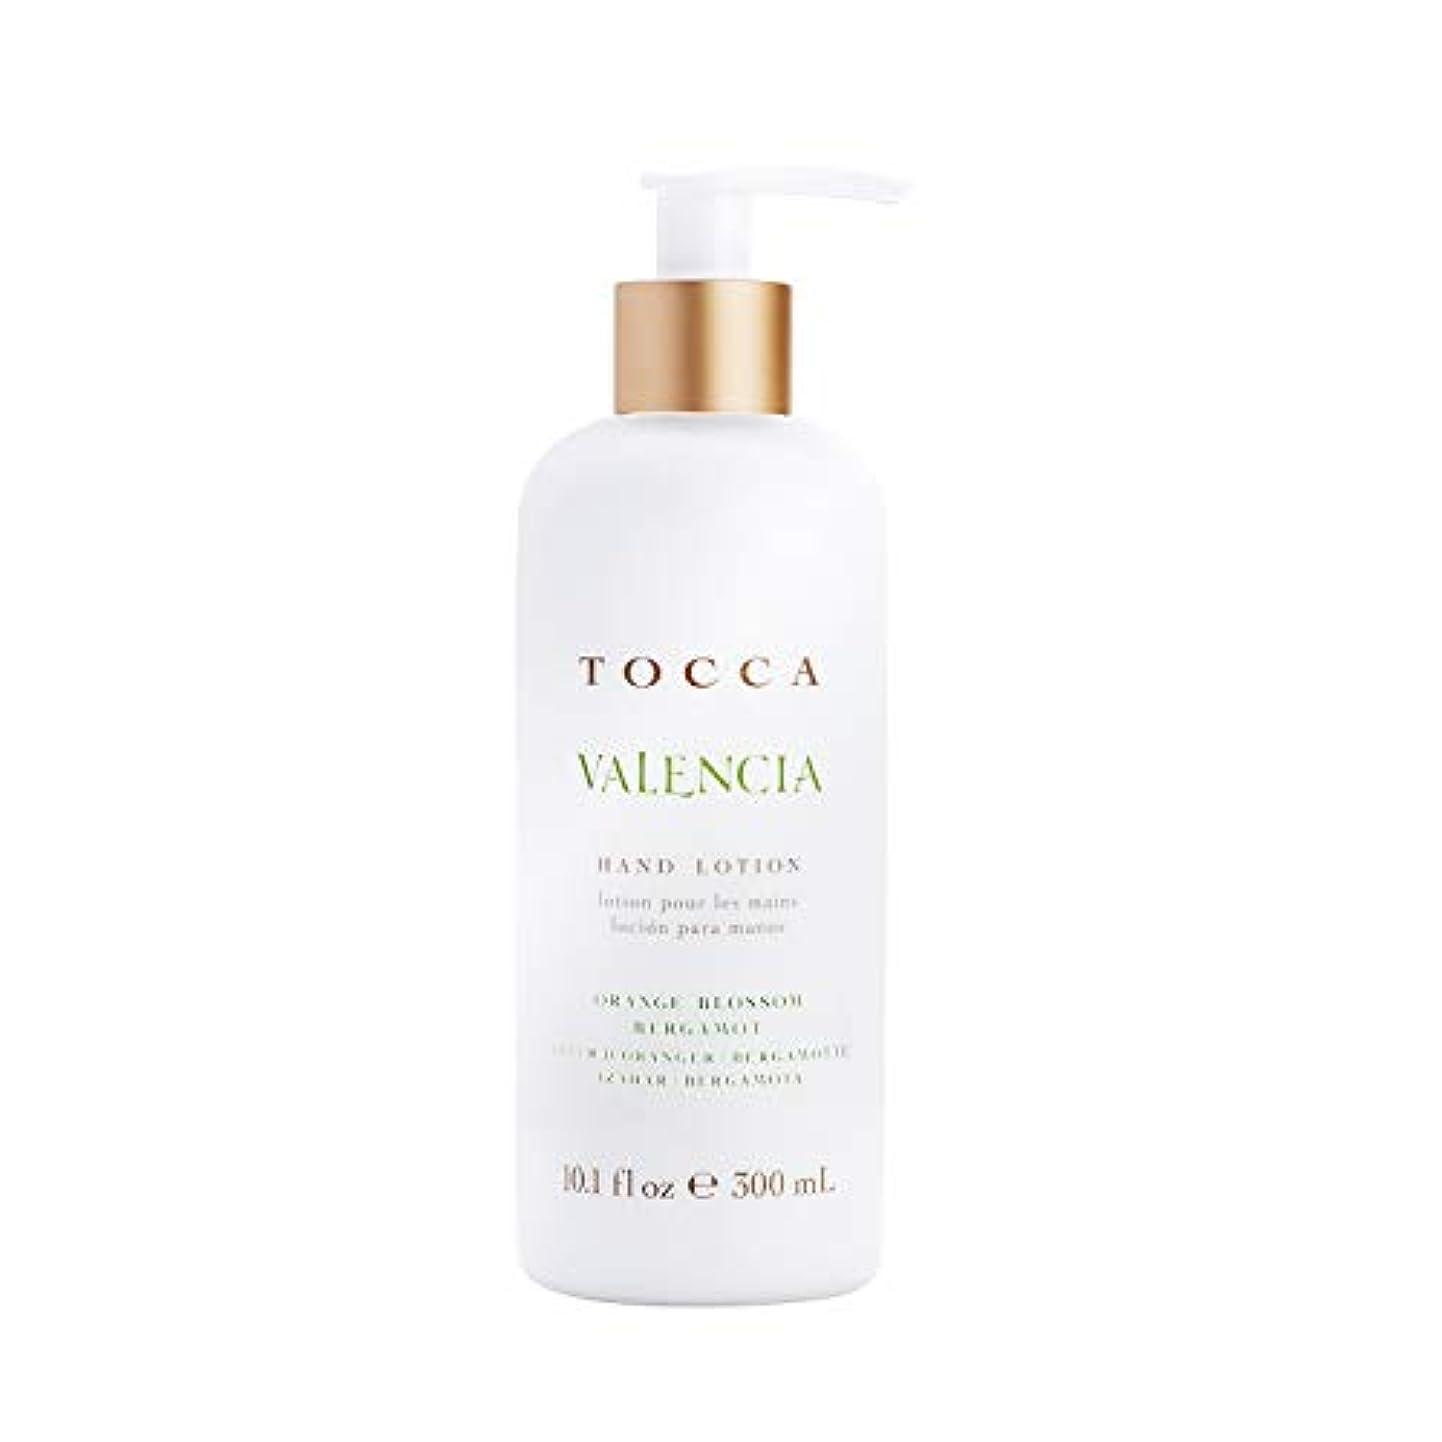 城元気な程度TOCCA(トッカ) ボヤージュ ハンドローション バレンシア 300mL (手肌用保湿 ハンドクリーム オレンジとベルガモットのフレッシュシトラスな香り)